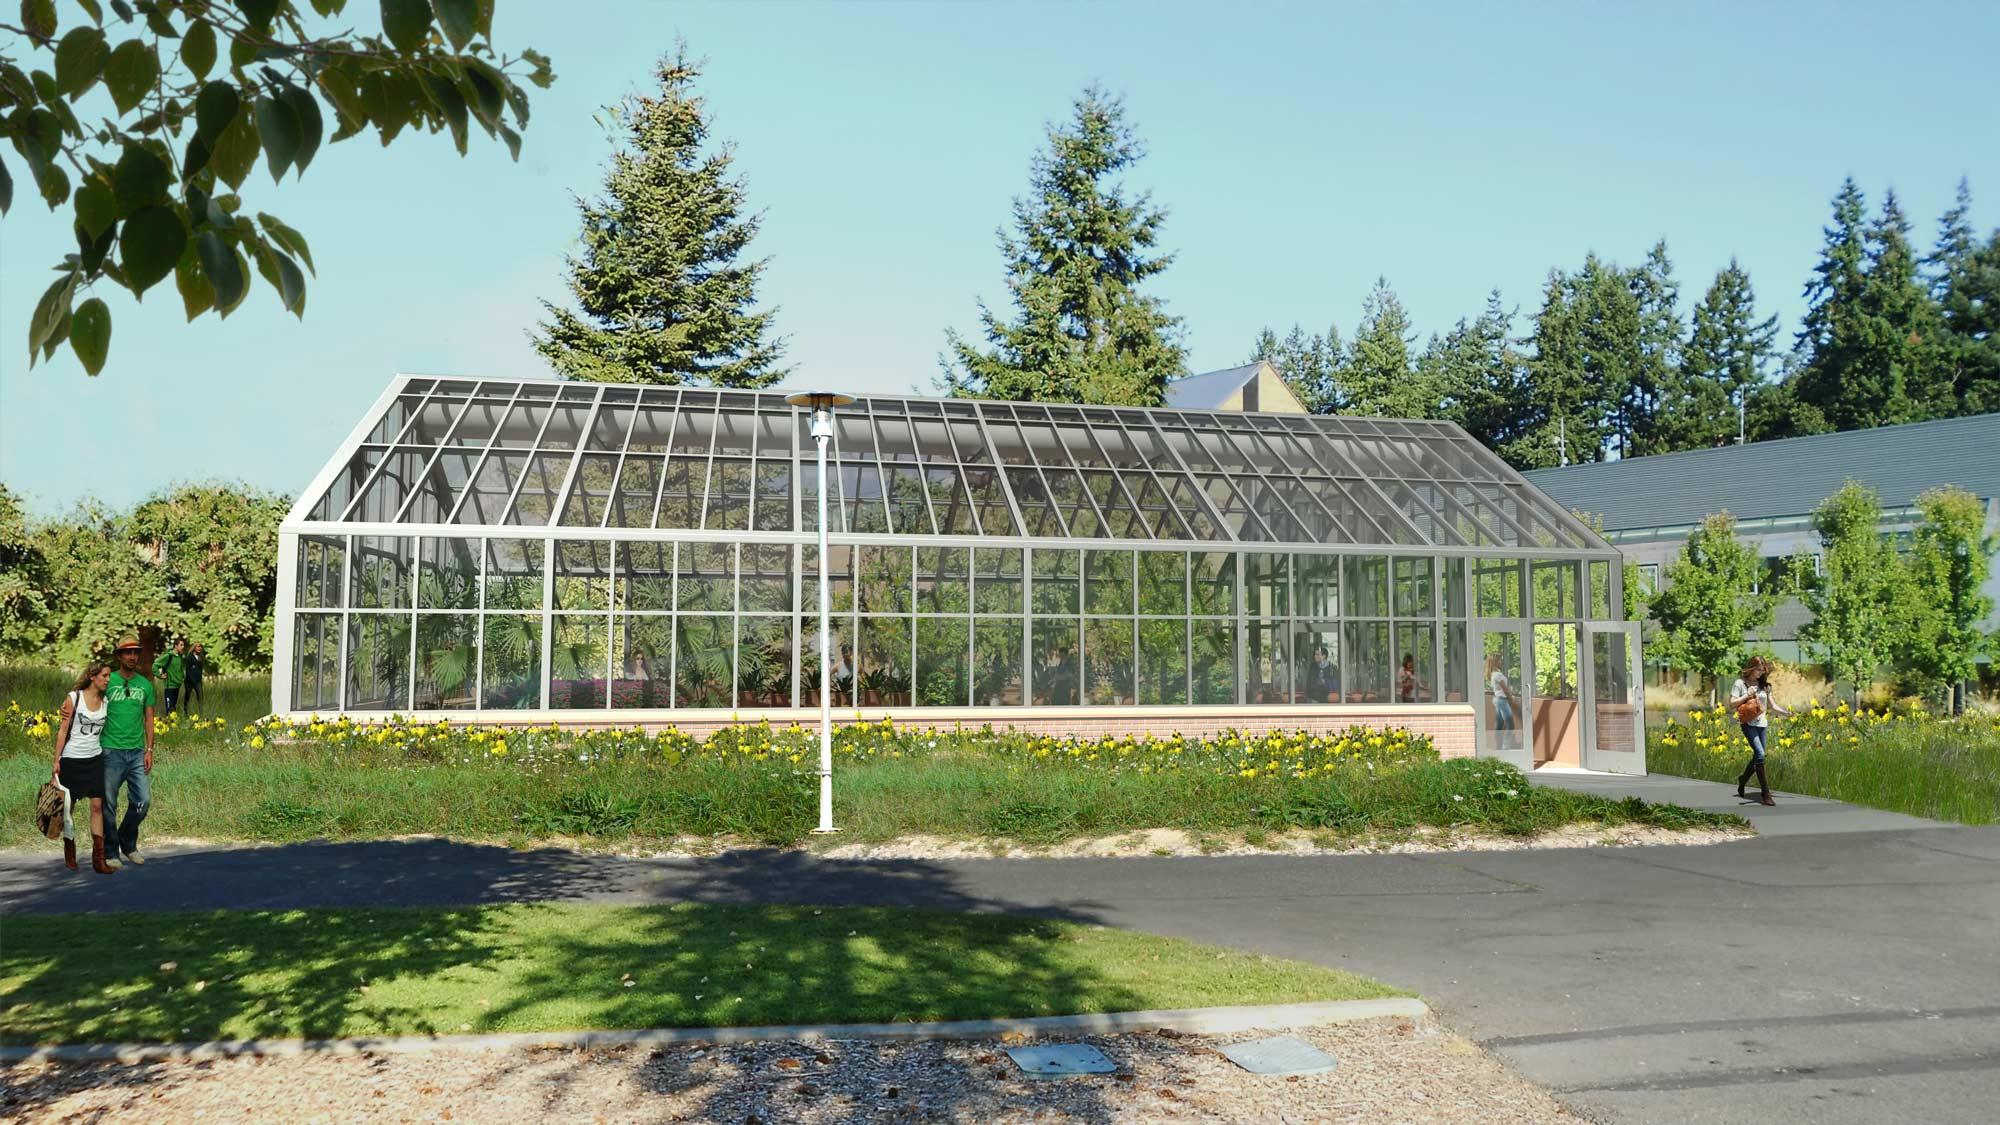 PLU-121211-final-Greenhouse-AustinCina-3200x1800-web